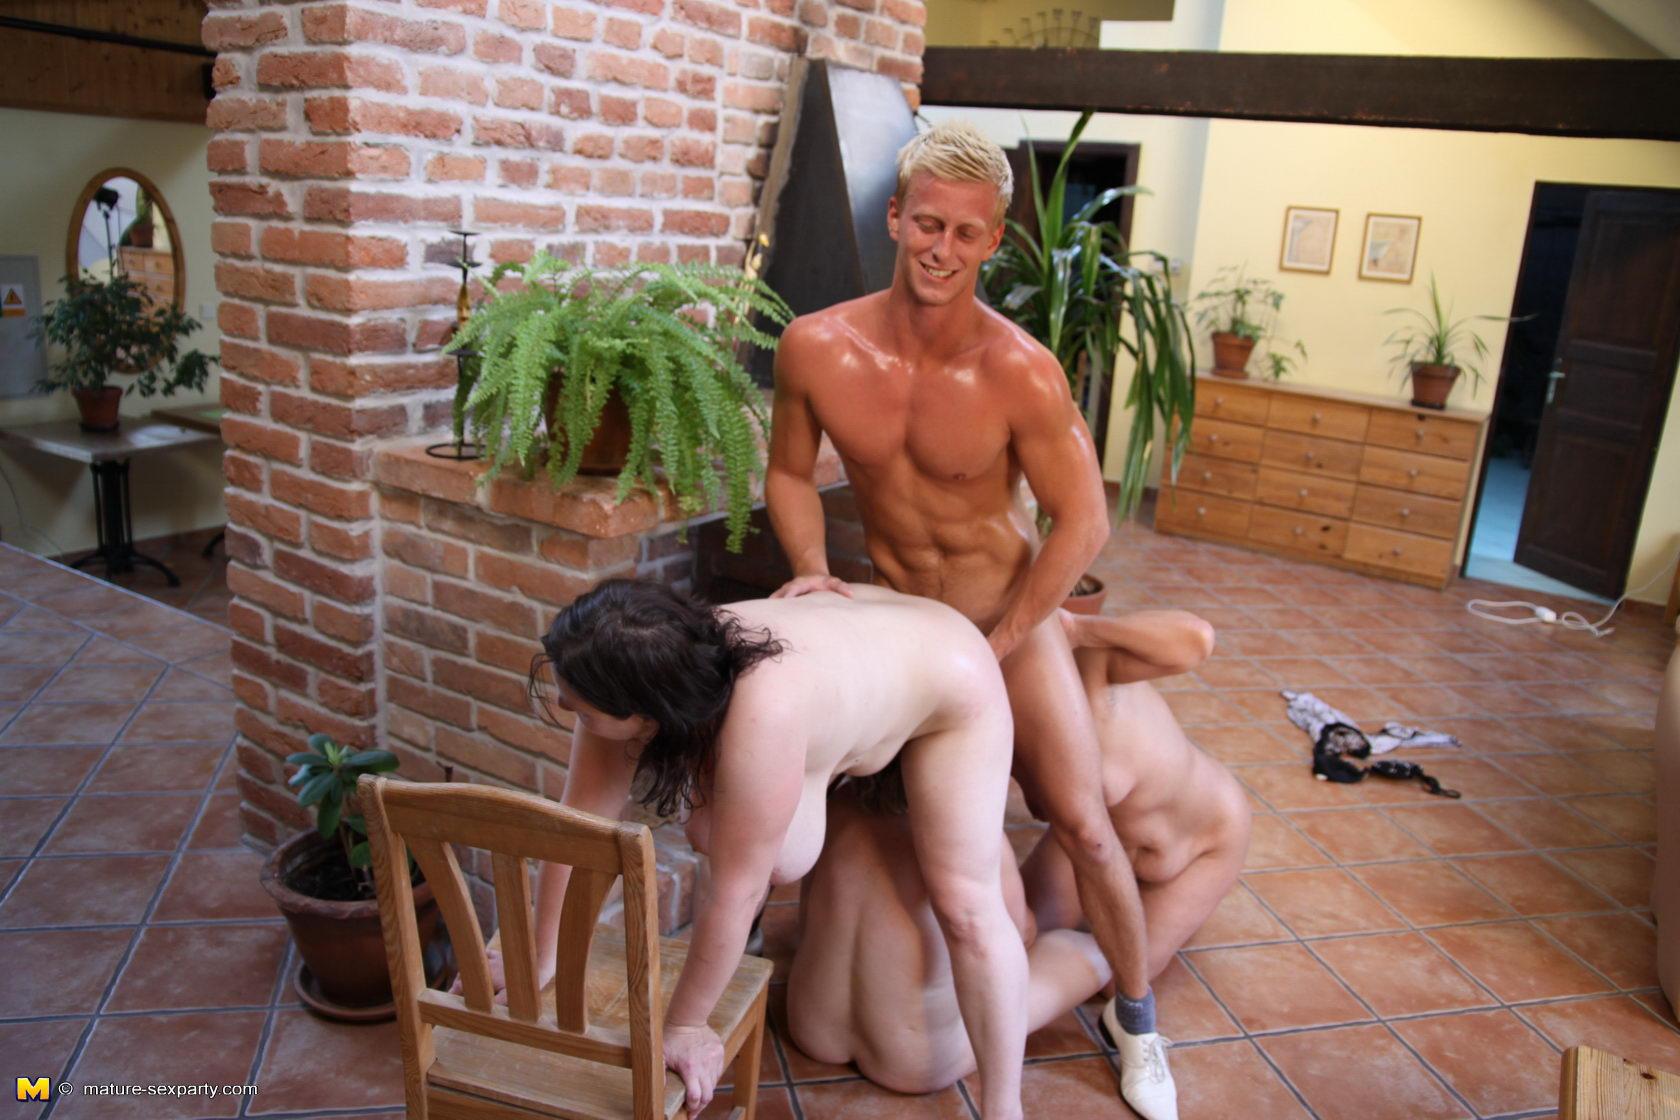 секс разврат порно с пожилыми мужчинами снимает, ребята делают